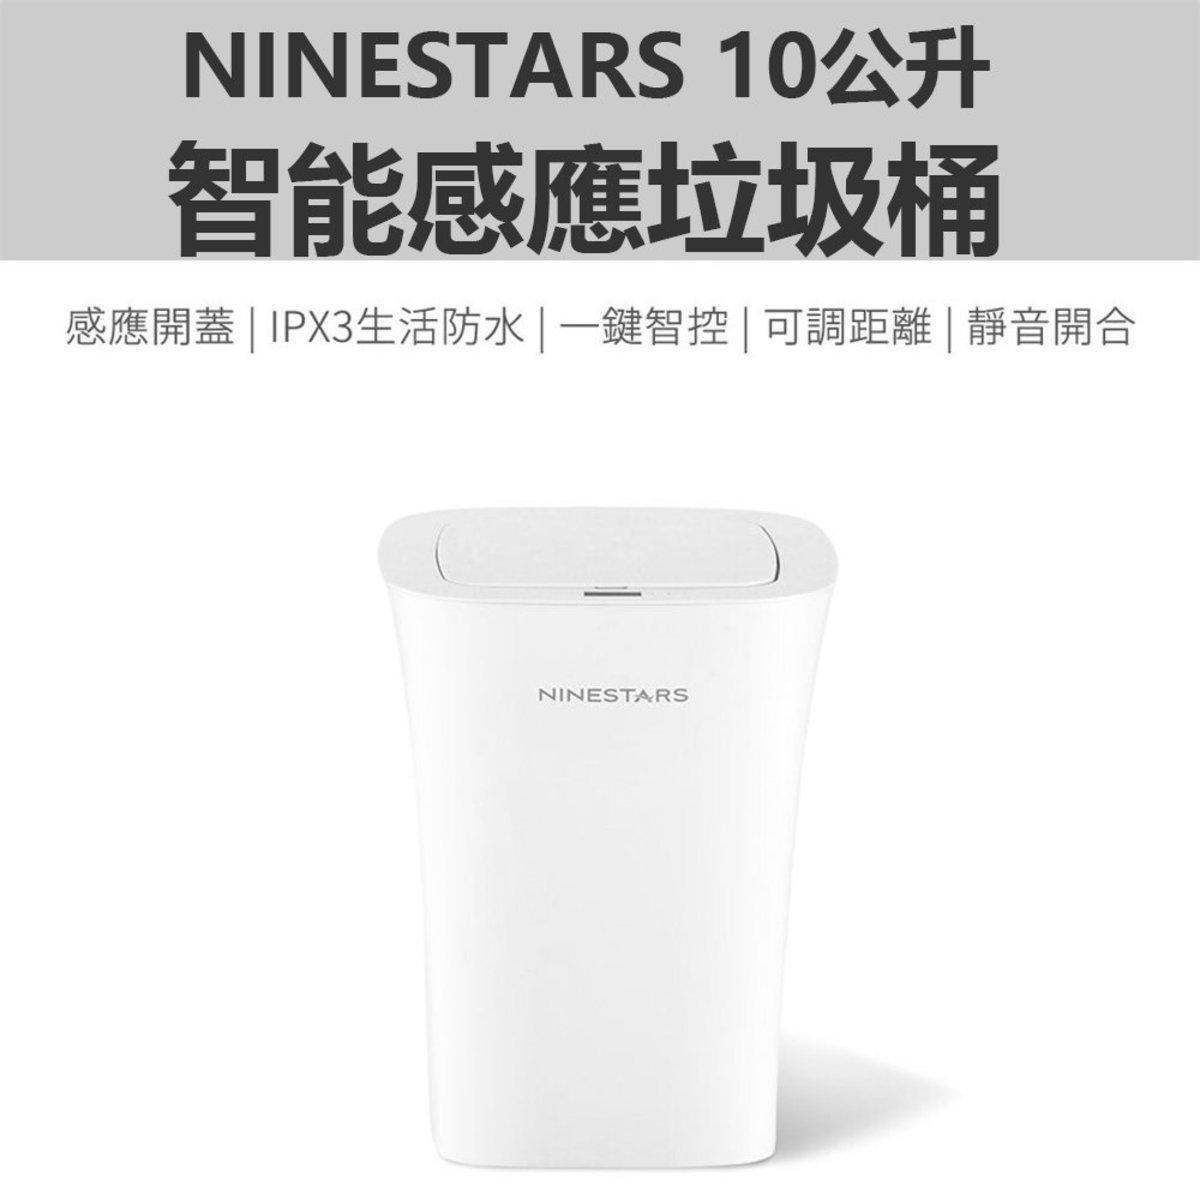 10公升智能感應垃圾桶 DZT-10-11S - 白色 (IPX3防水)